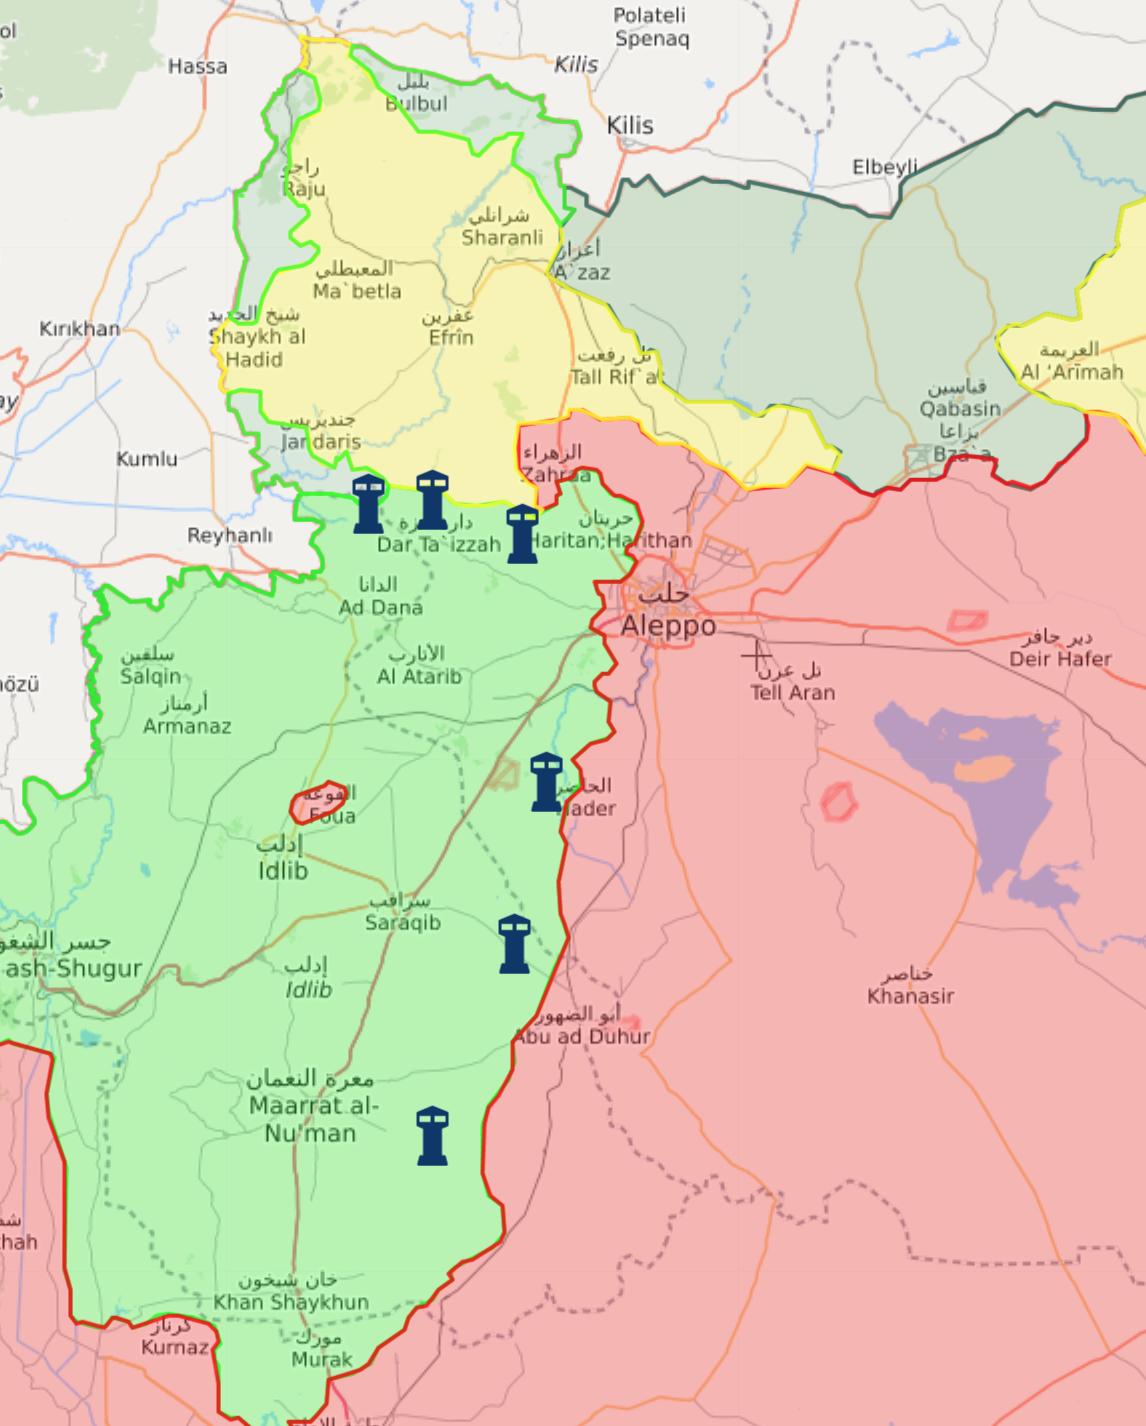 خريطة السيطرة الميدانية في الشمال السوري - 23 شباط 2018 (livemap)